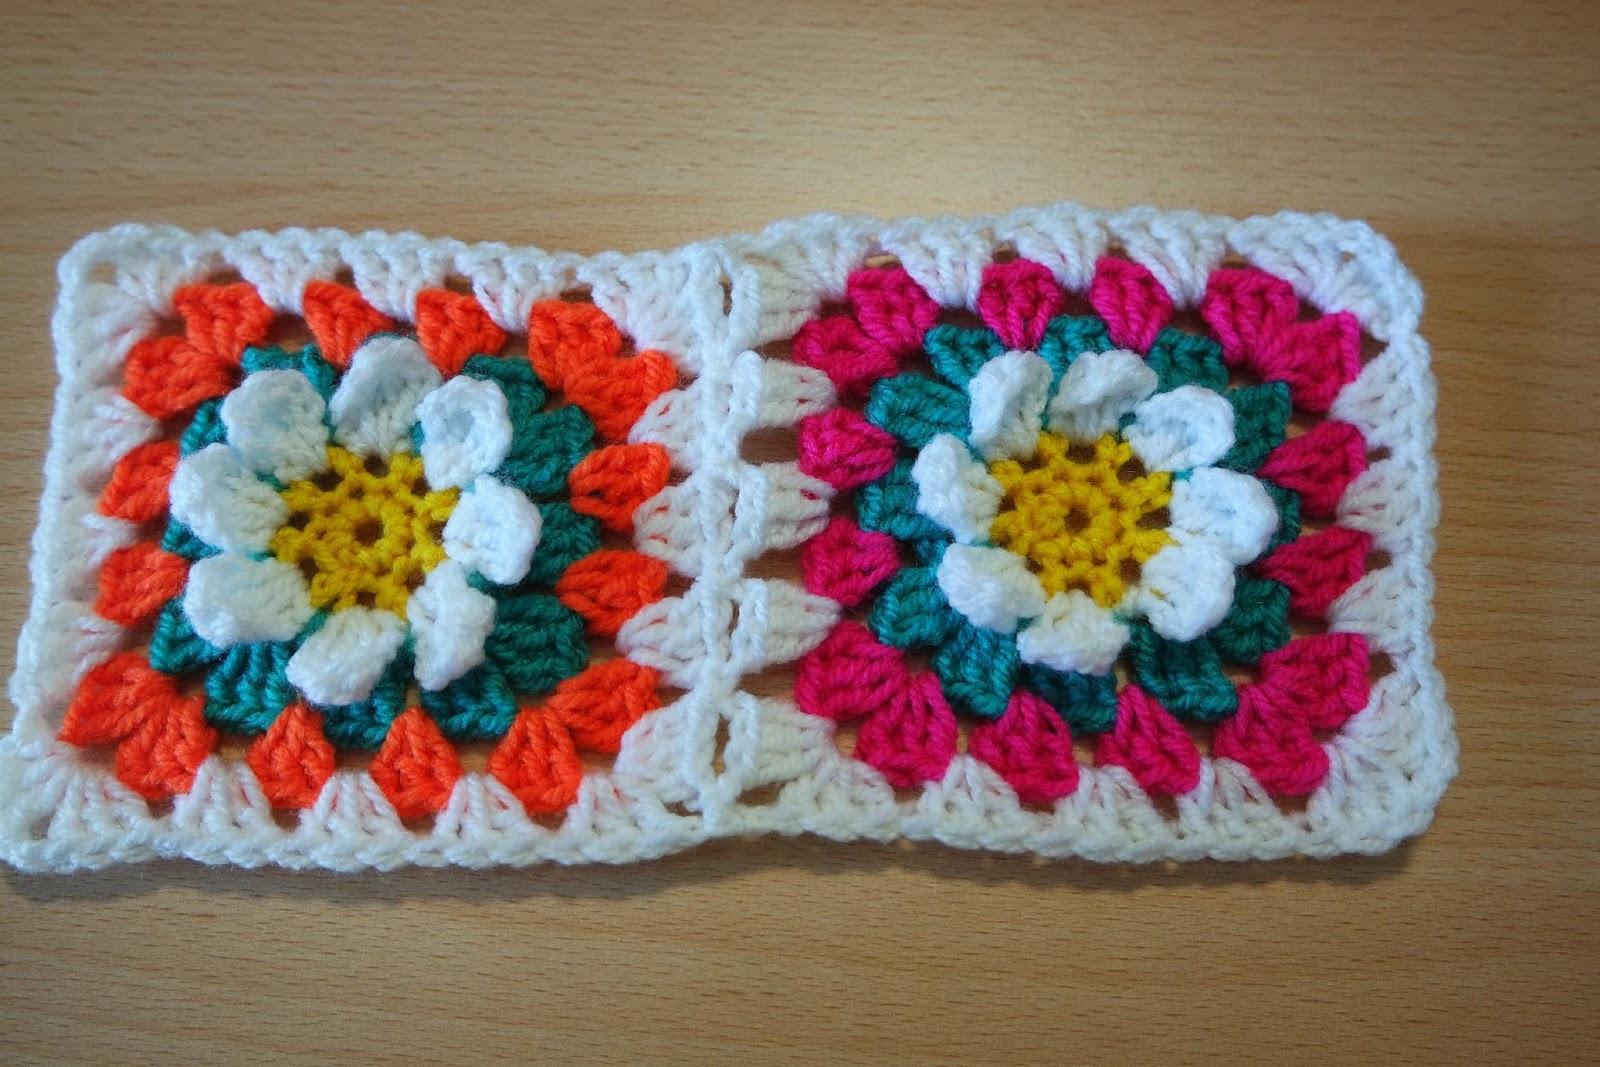 Crochet Flower Blanket Pattern Free : Free crochet patterns and video tutorials: Crochet pattern ...